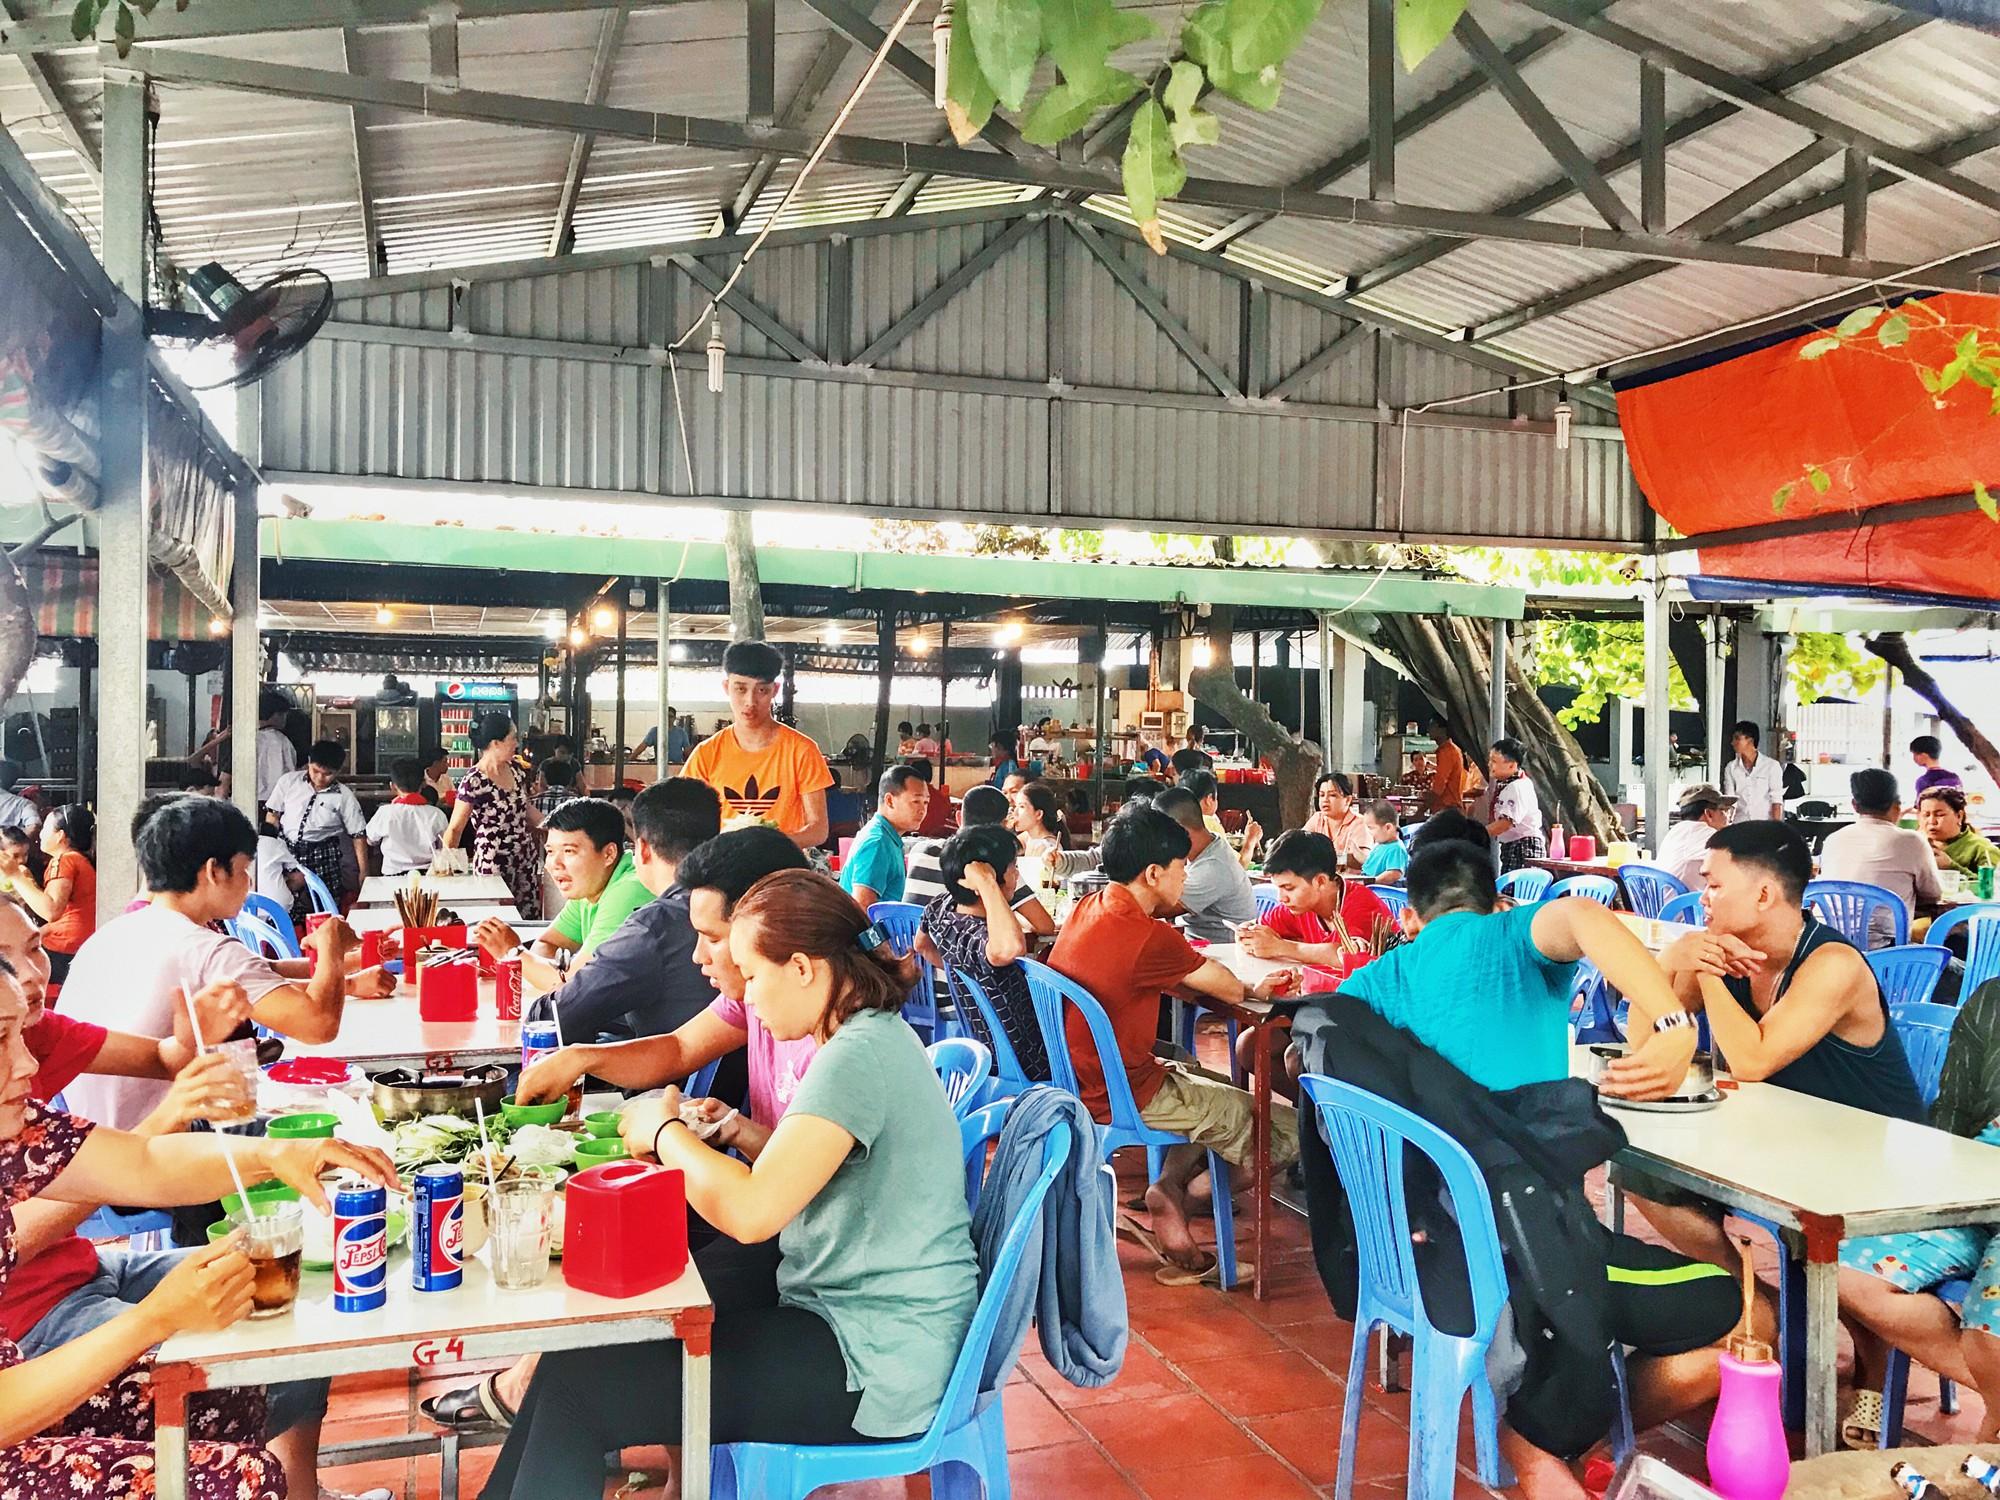 Quán lẩu bò nổi tiếng khiến người Sài Gòn lặn lội hàng chục cây số đến thưởng thức - Ảnh 2.